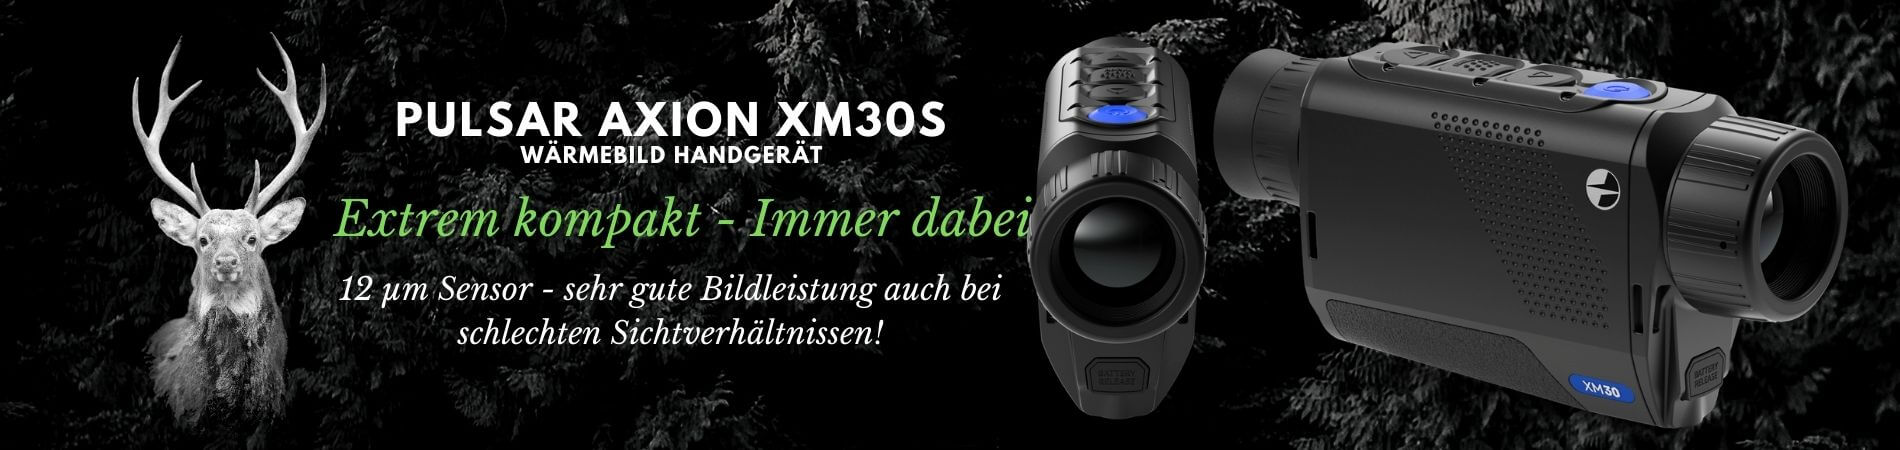 Pulsar Axion XM30s - Wärmebildkamera (1)